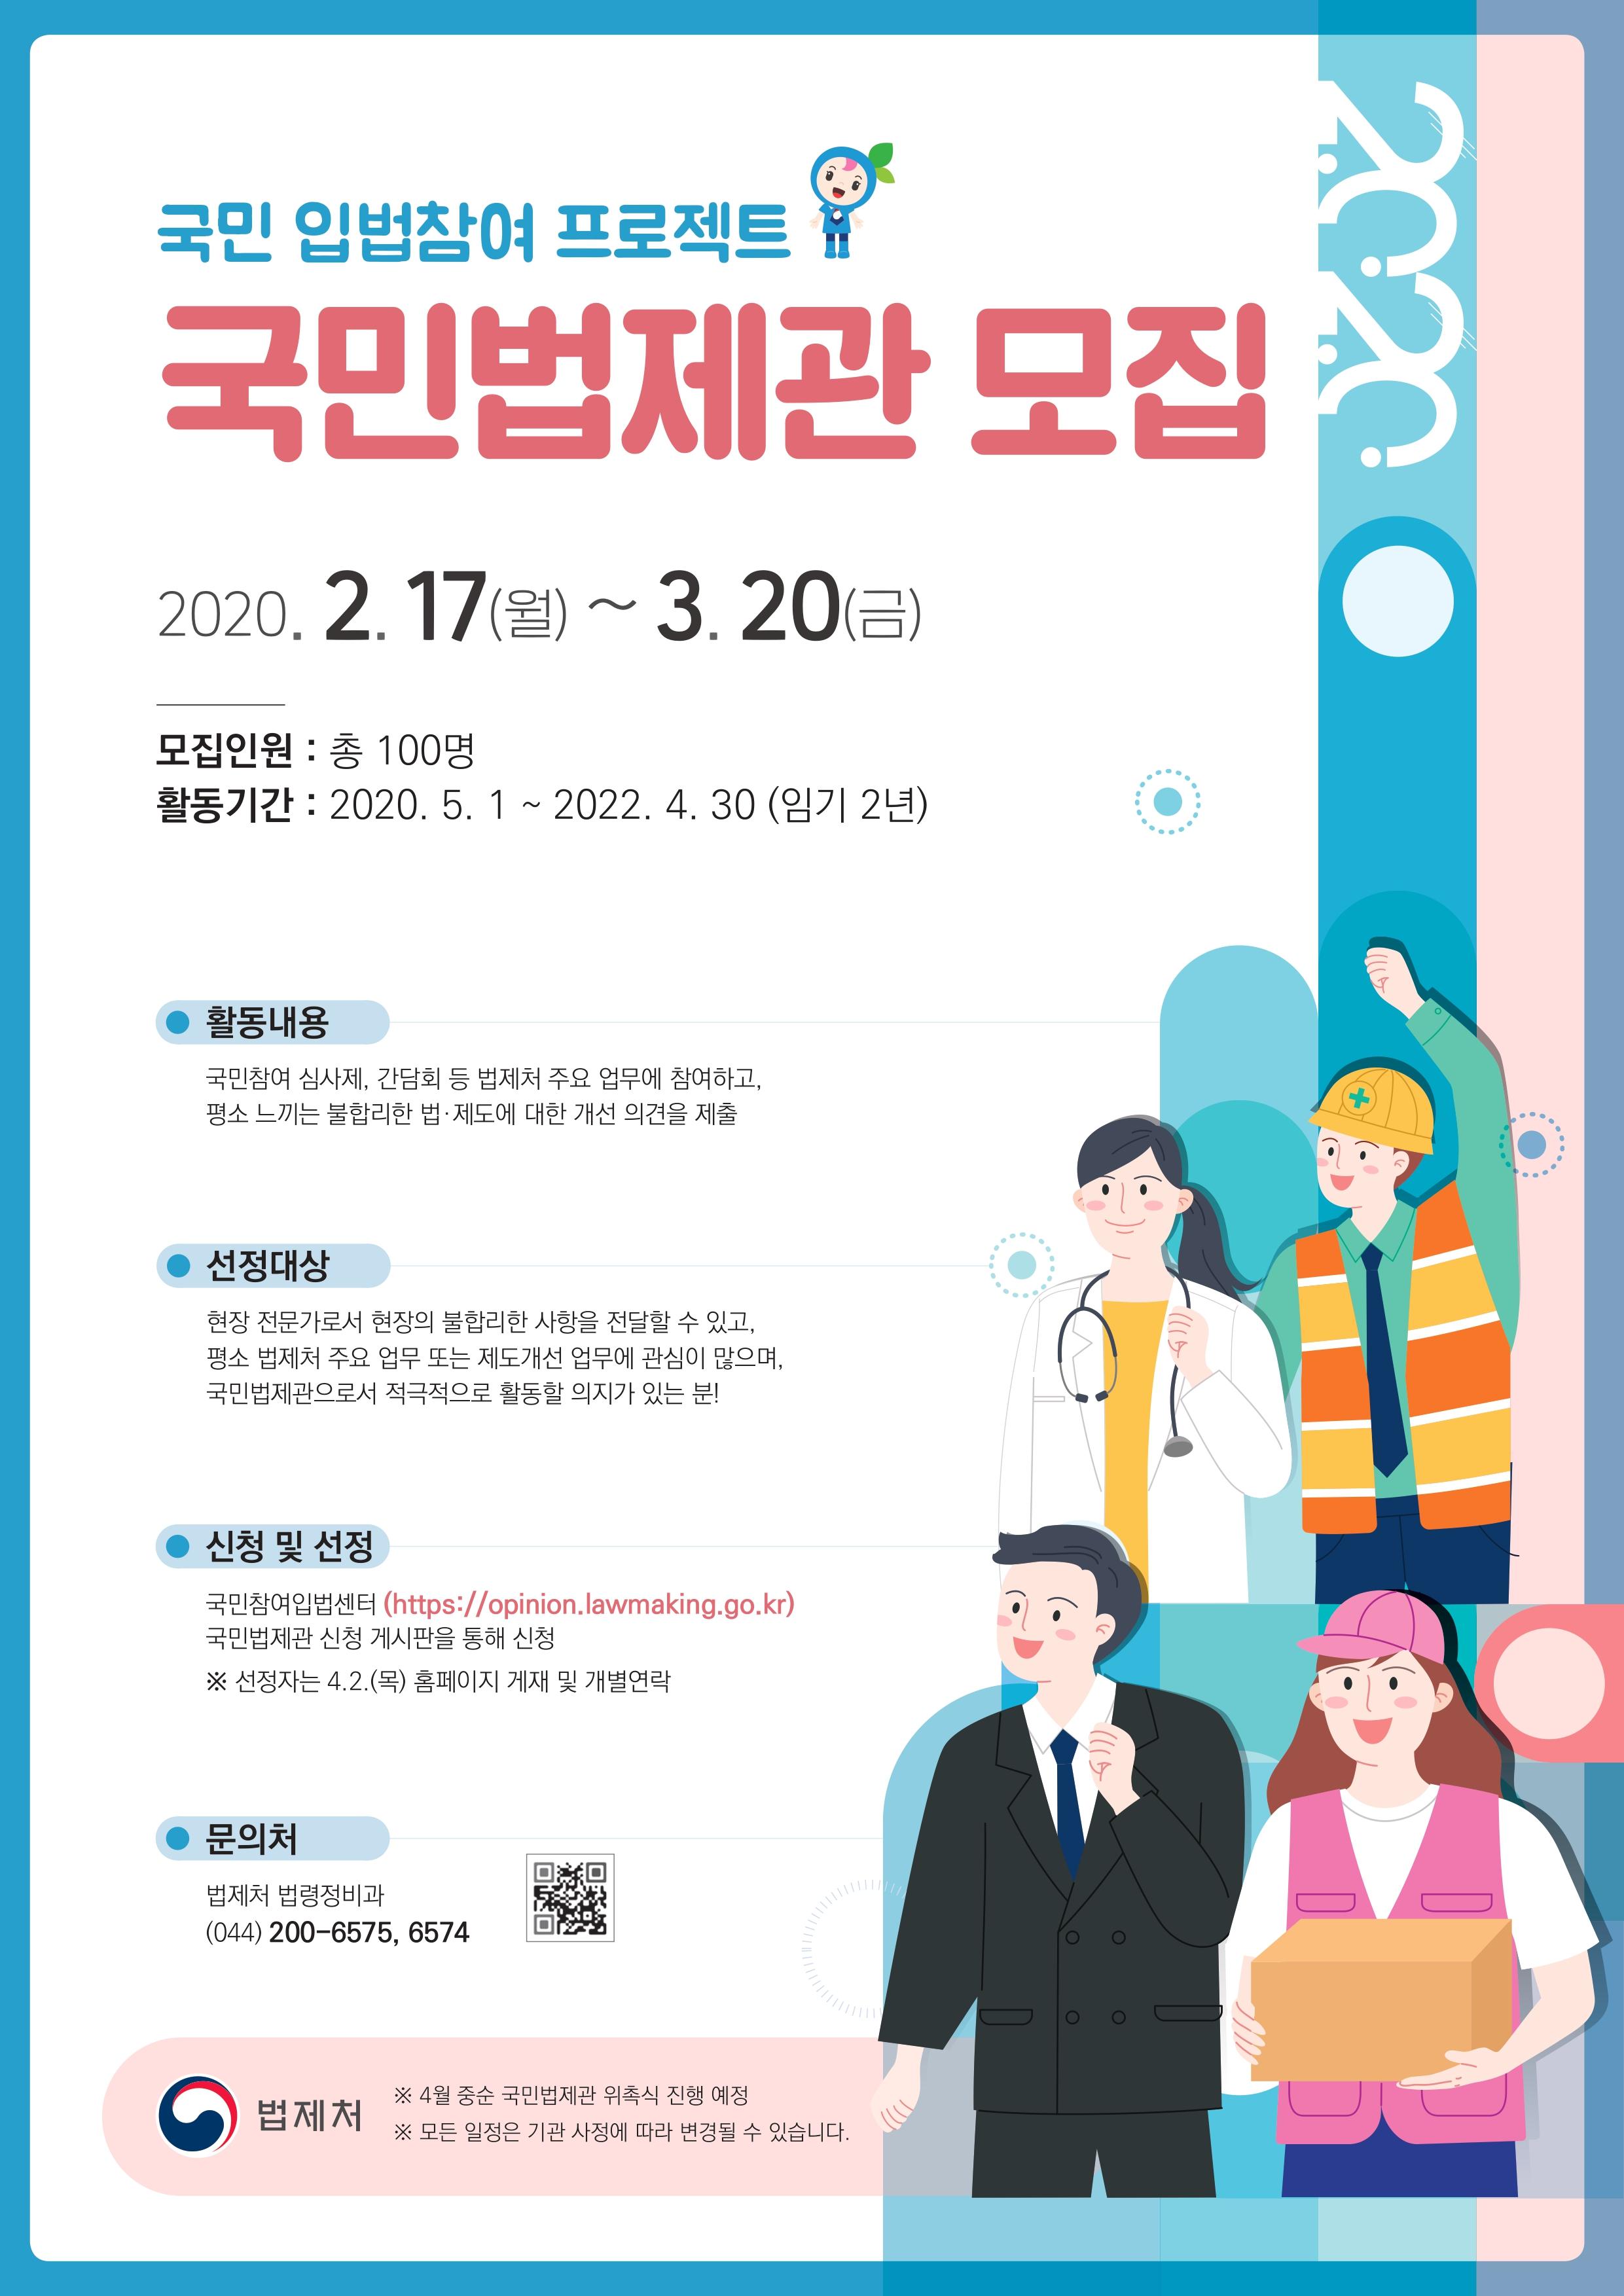 국민 입법참여 프로젝트 국민법제관 모집 홍보 포스터 이미지